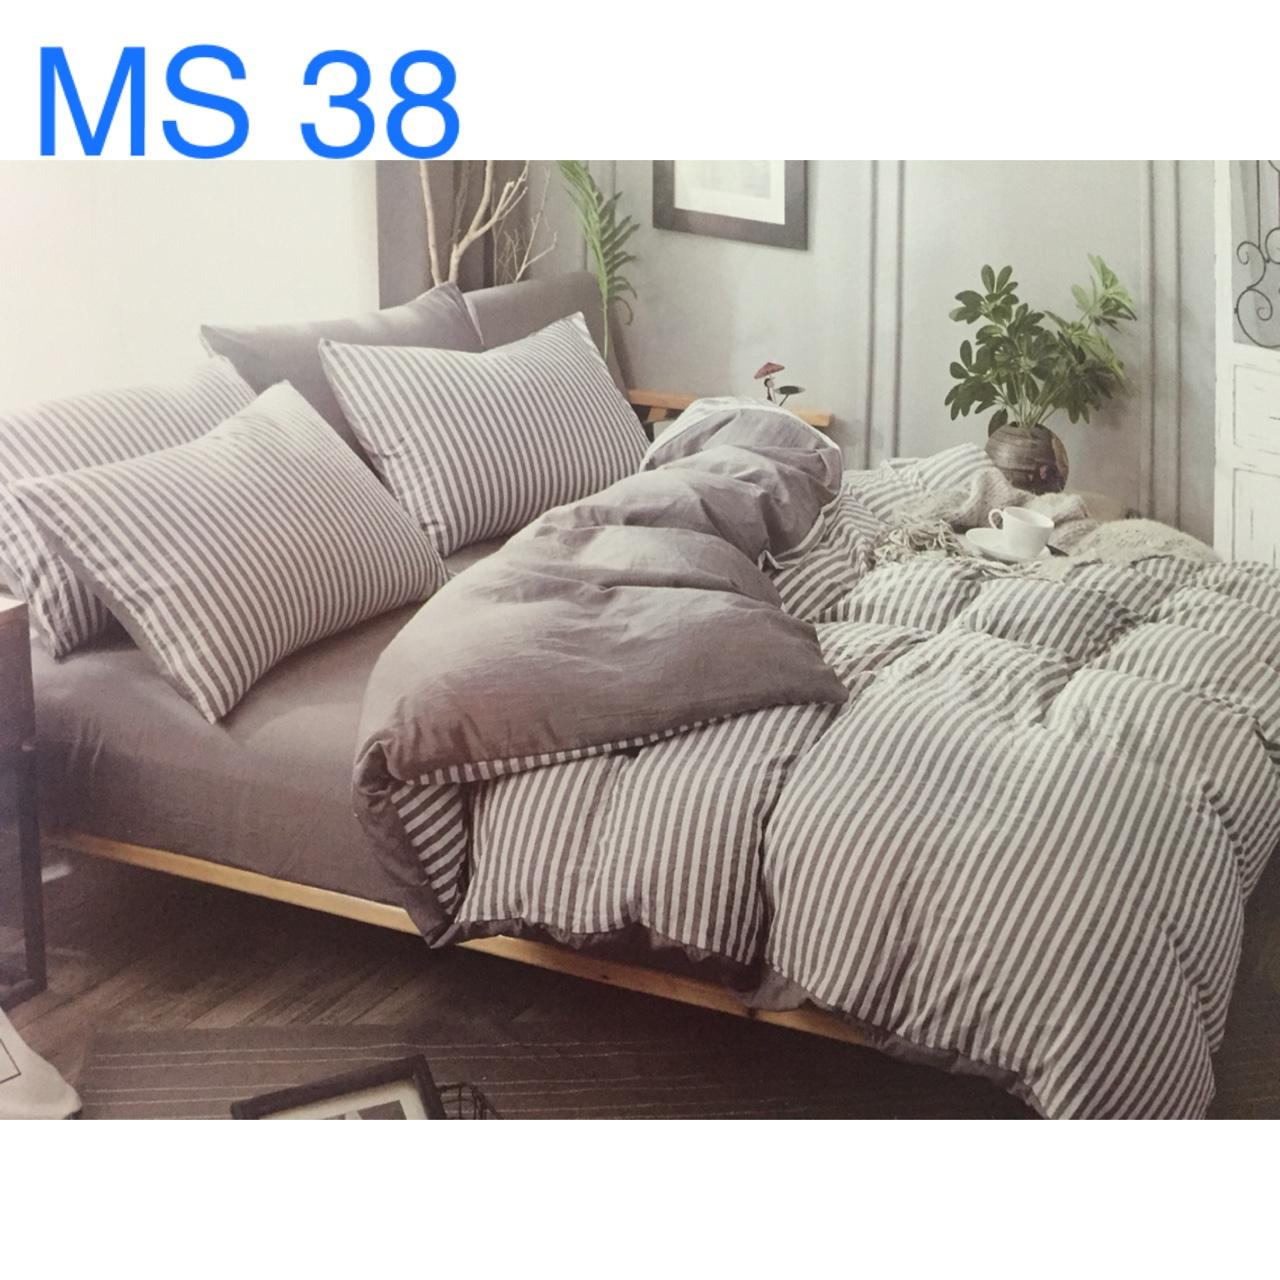 Bộ Chăn Ga Cotton Đũi Loại 2 Hàn Quốc - MS38